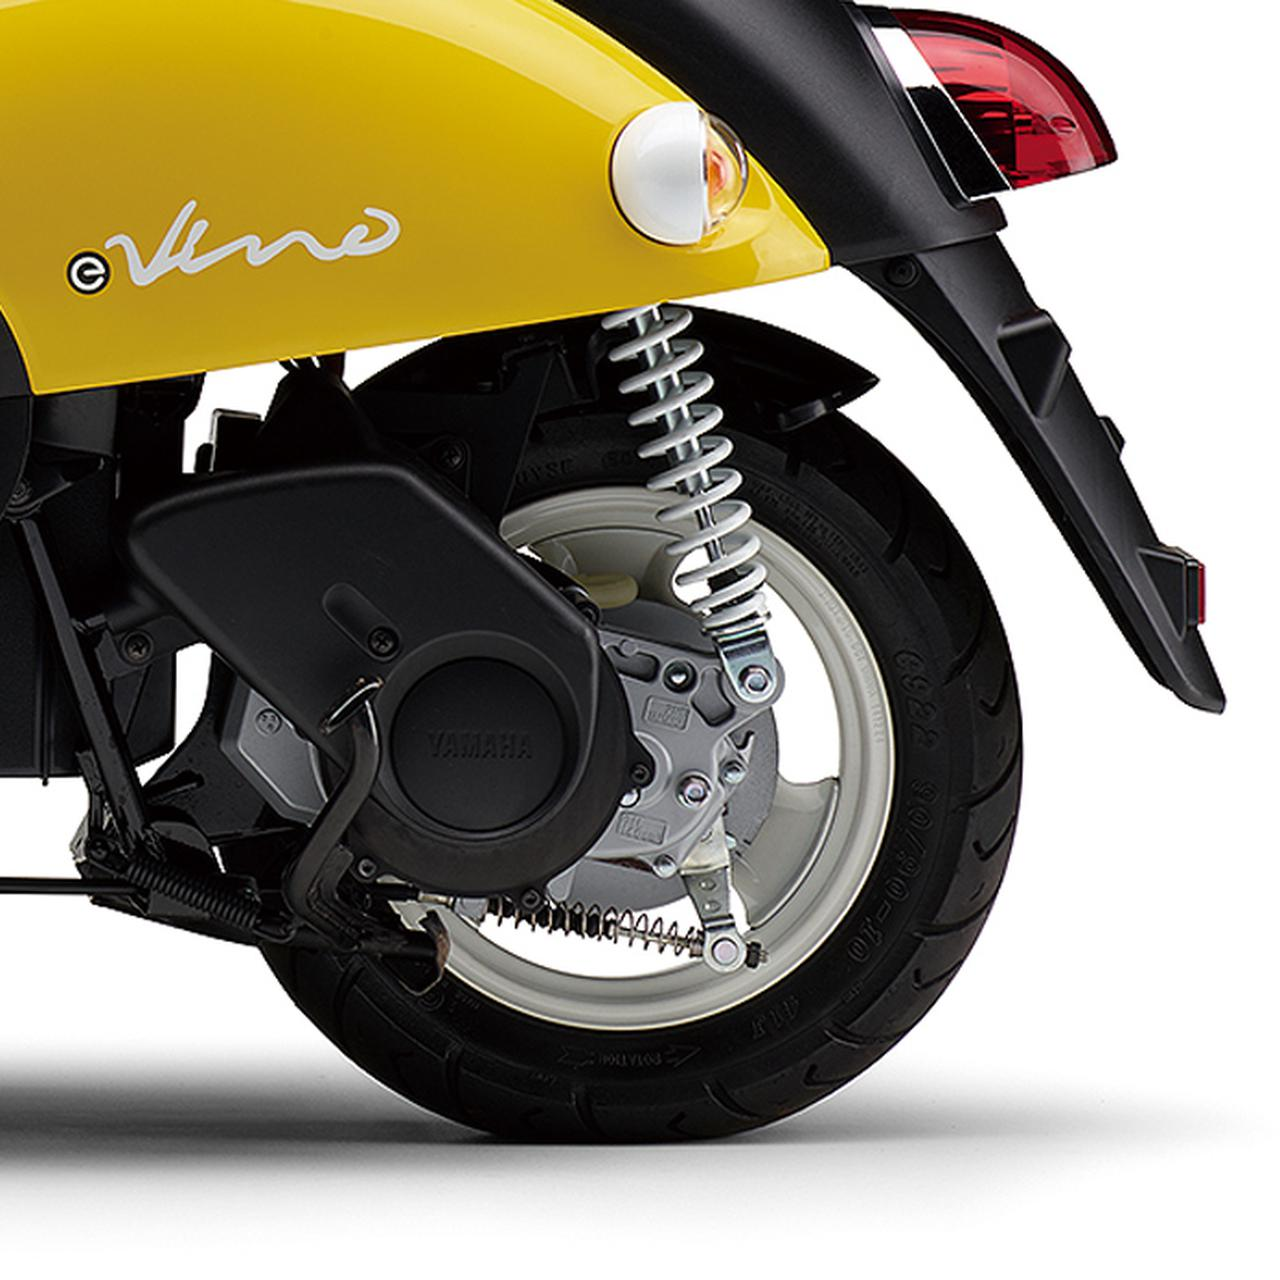 Images : 13番目の画像 - ヤマハ「E-Vino」の写真をもっと見る! - webオートバイ